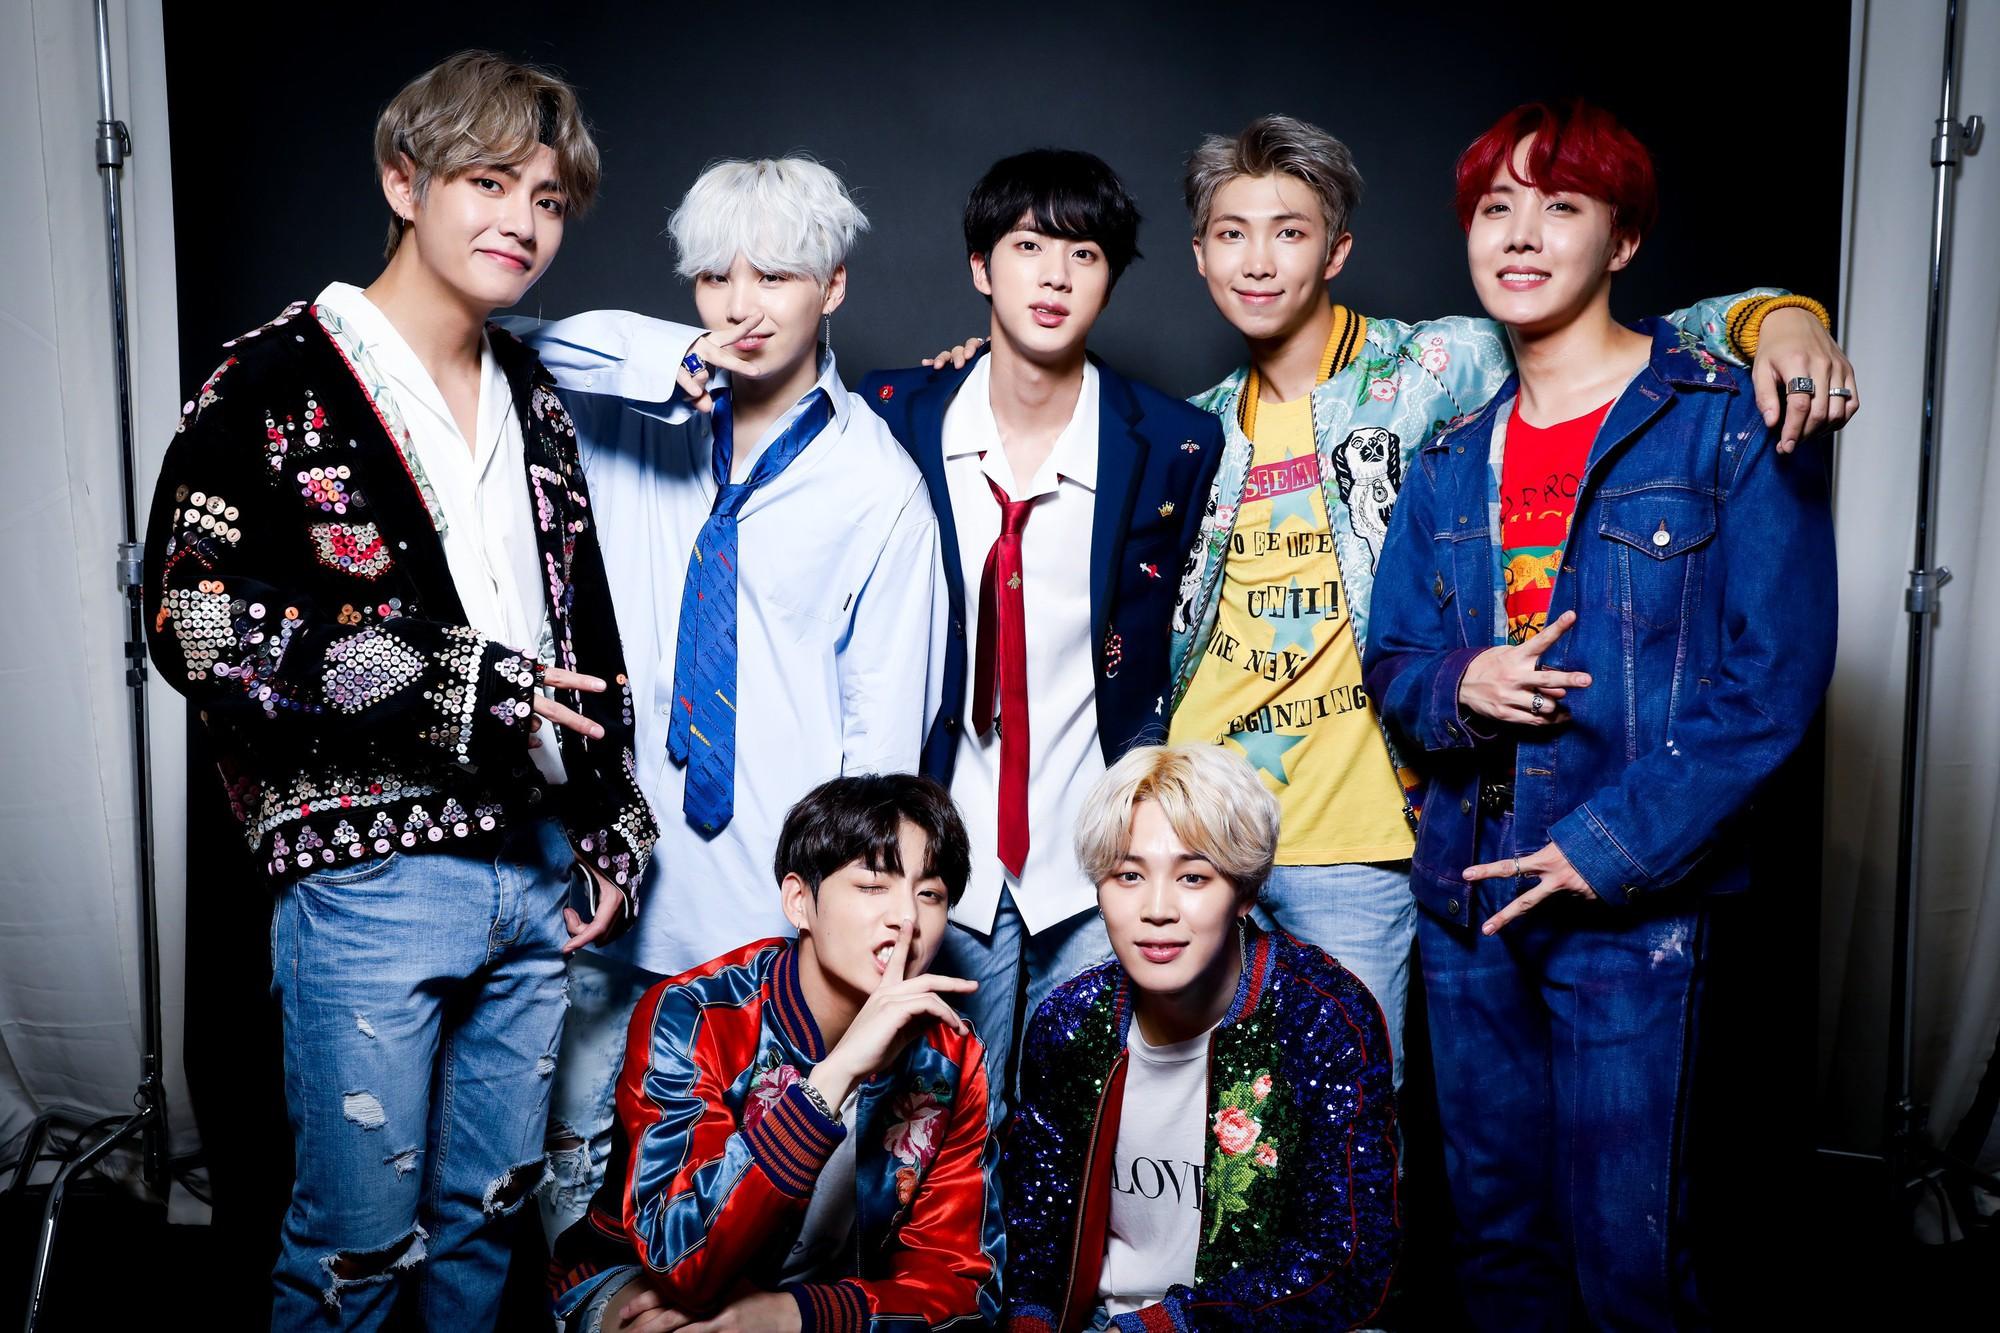 Chuyên gia dự đoán những nhóm nhạc thành công trong năm 2019: EXO và BlackPink đều vắng mặt - Ảnh 1.